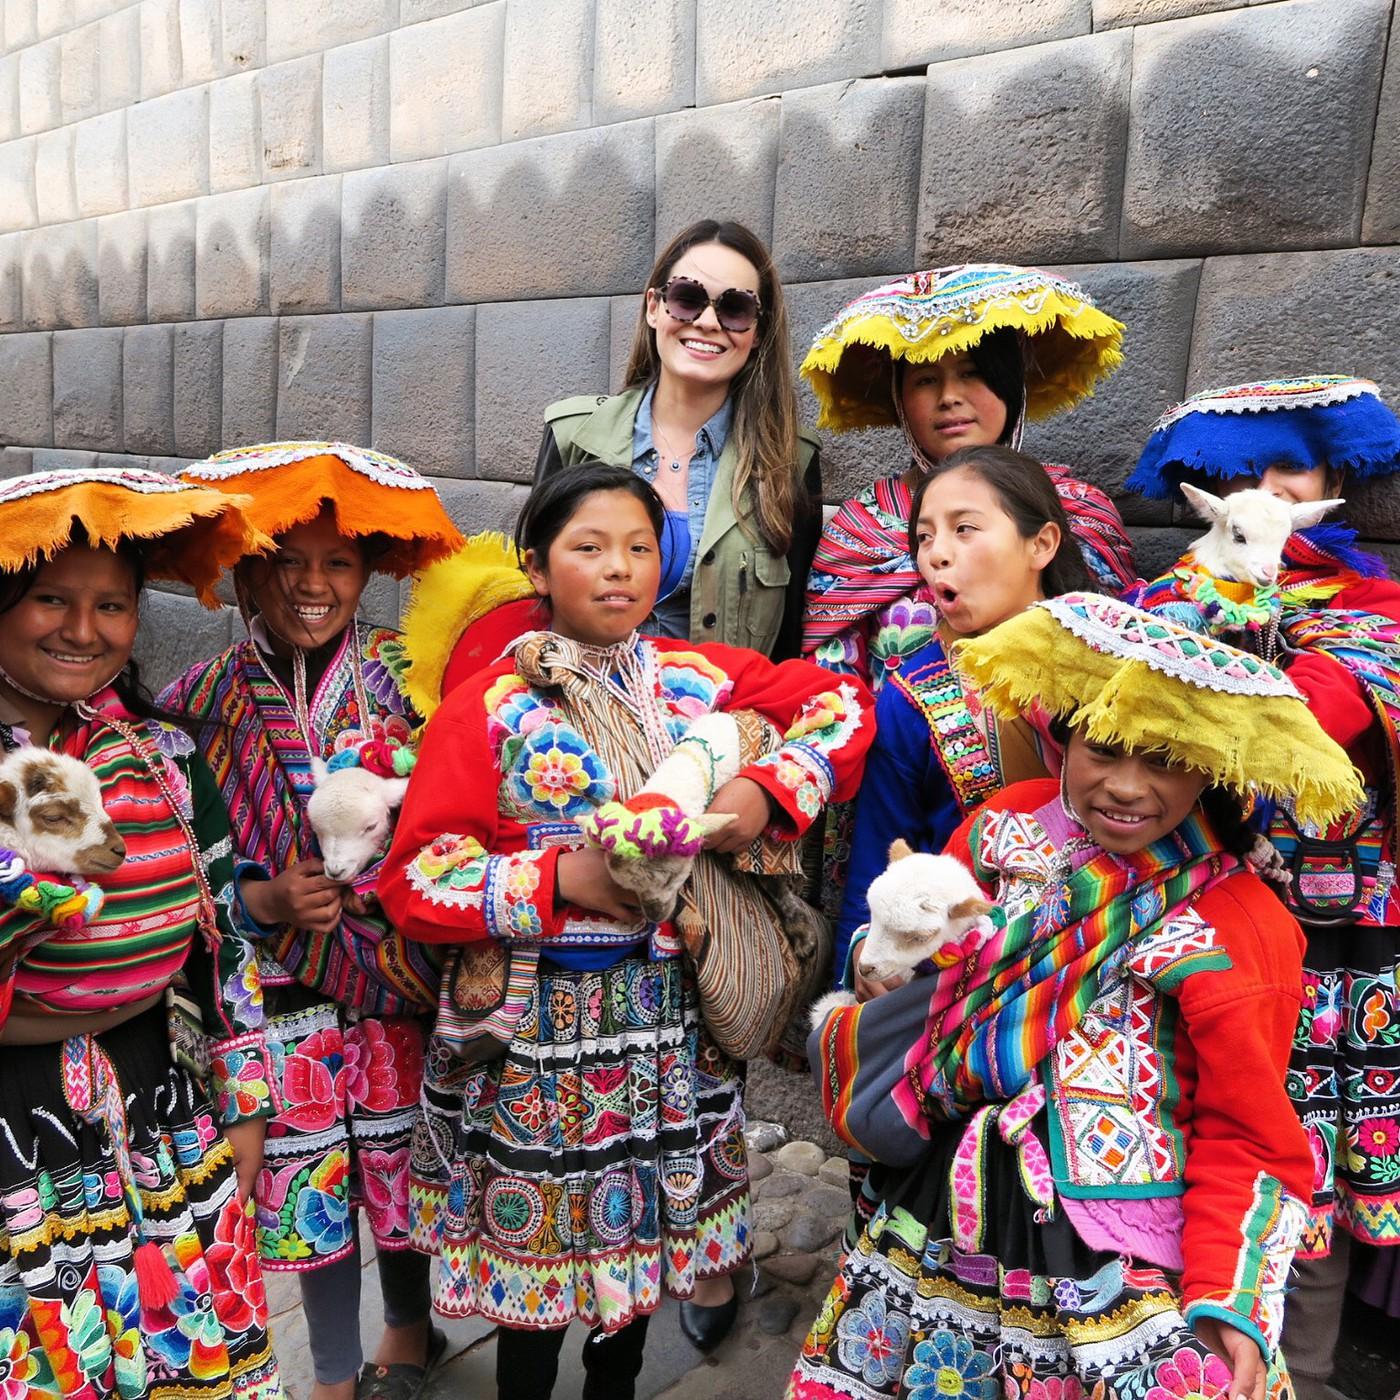 Roteiro de viagem pelo Peru